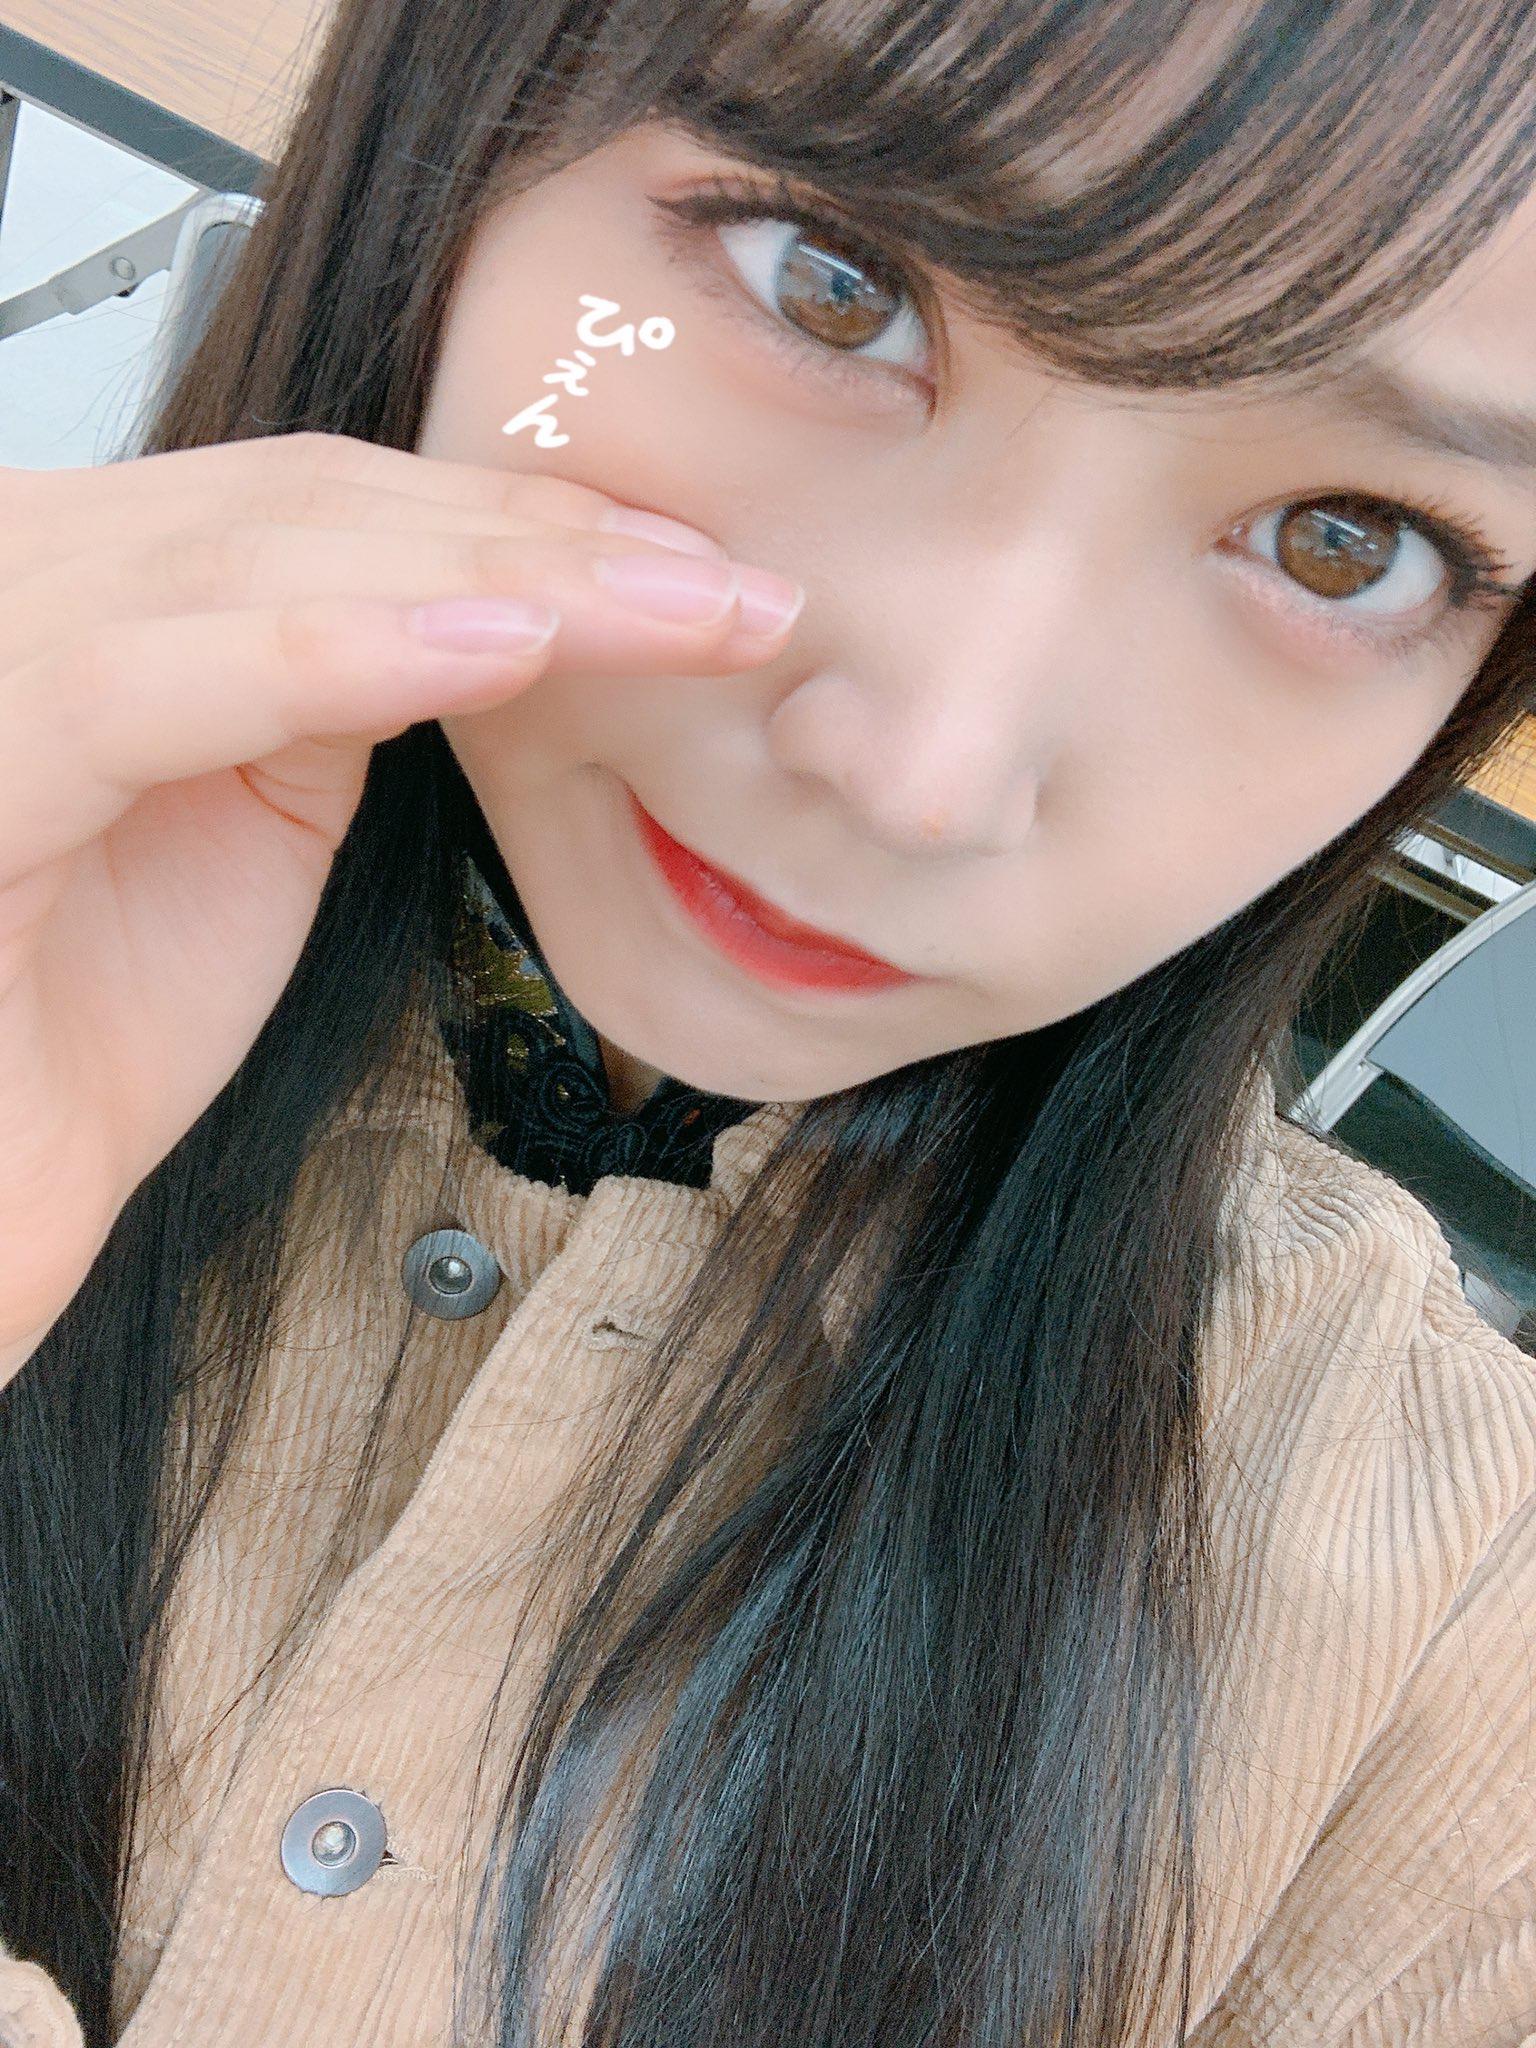 NMB48白间美瑠羞涩的表情让人心动超迷你长度旗袍爱好者